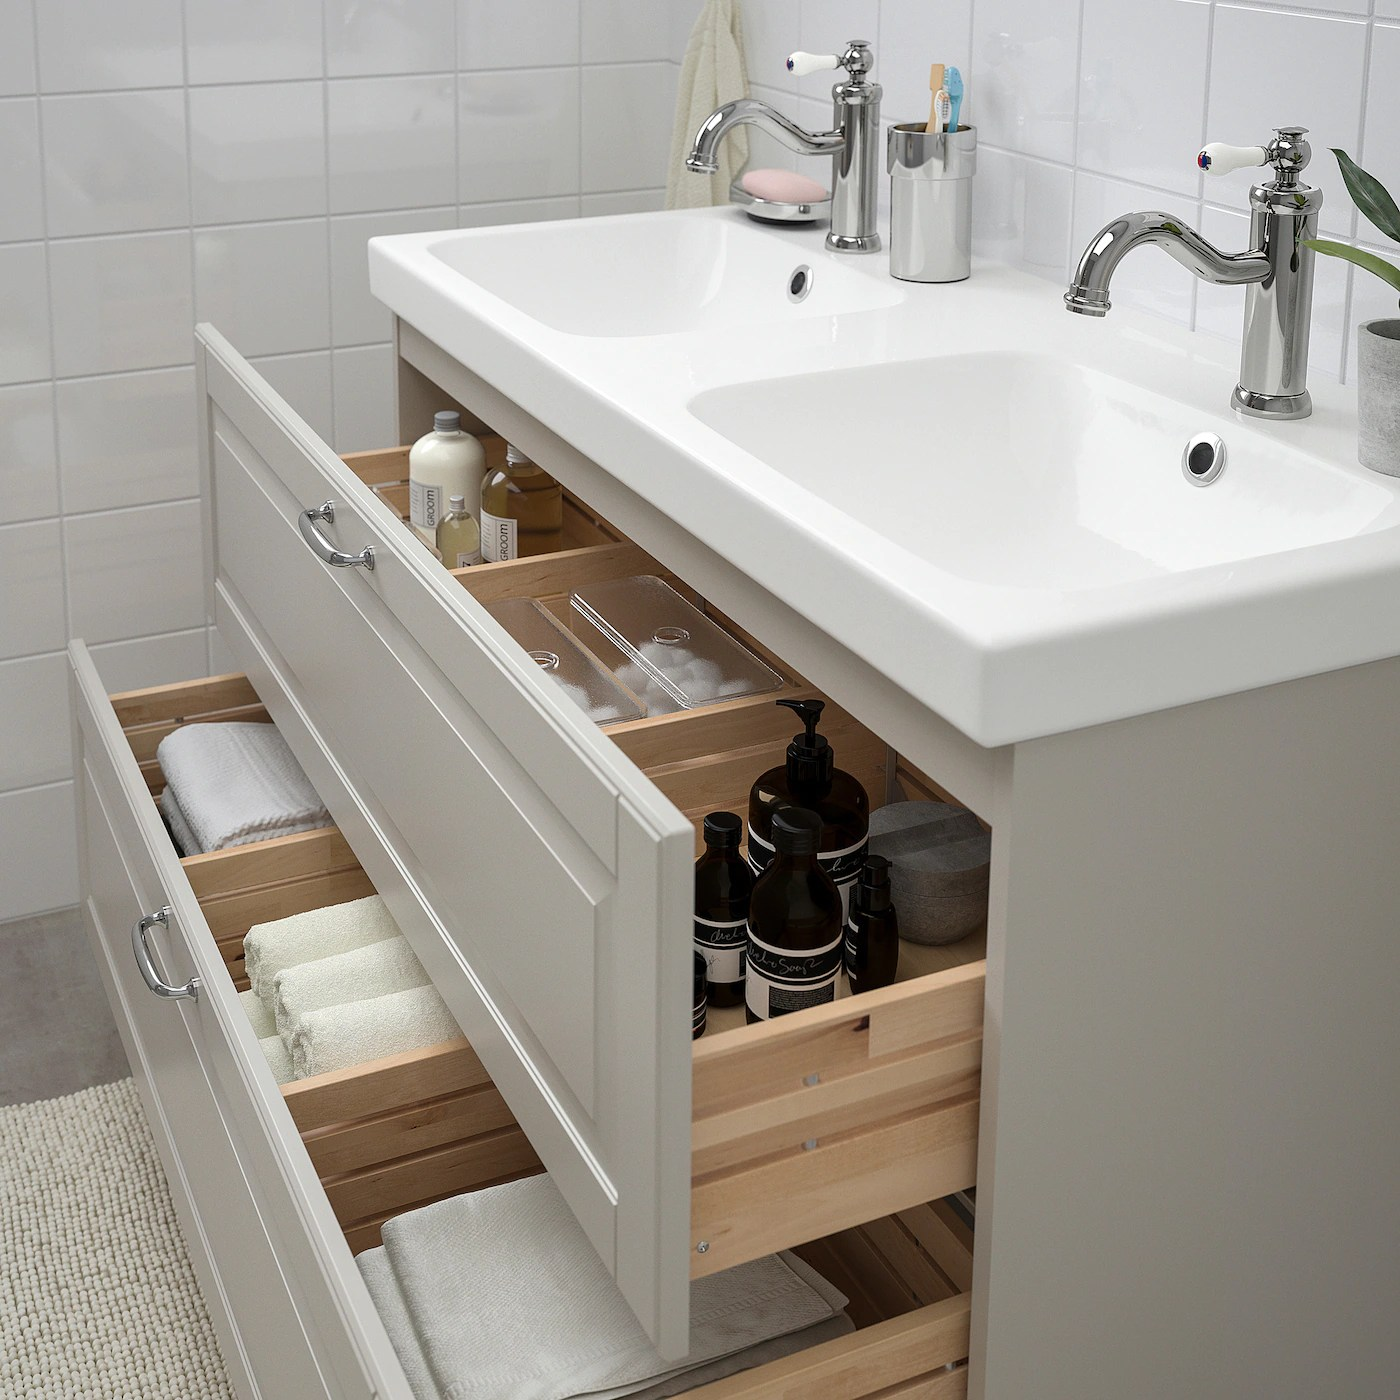 godmorgon odensvik sink cabinet with 2 drawers kasjon light gray hamnskar faucet 40 1 2x19 1 4x25 1 4